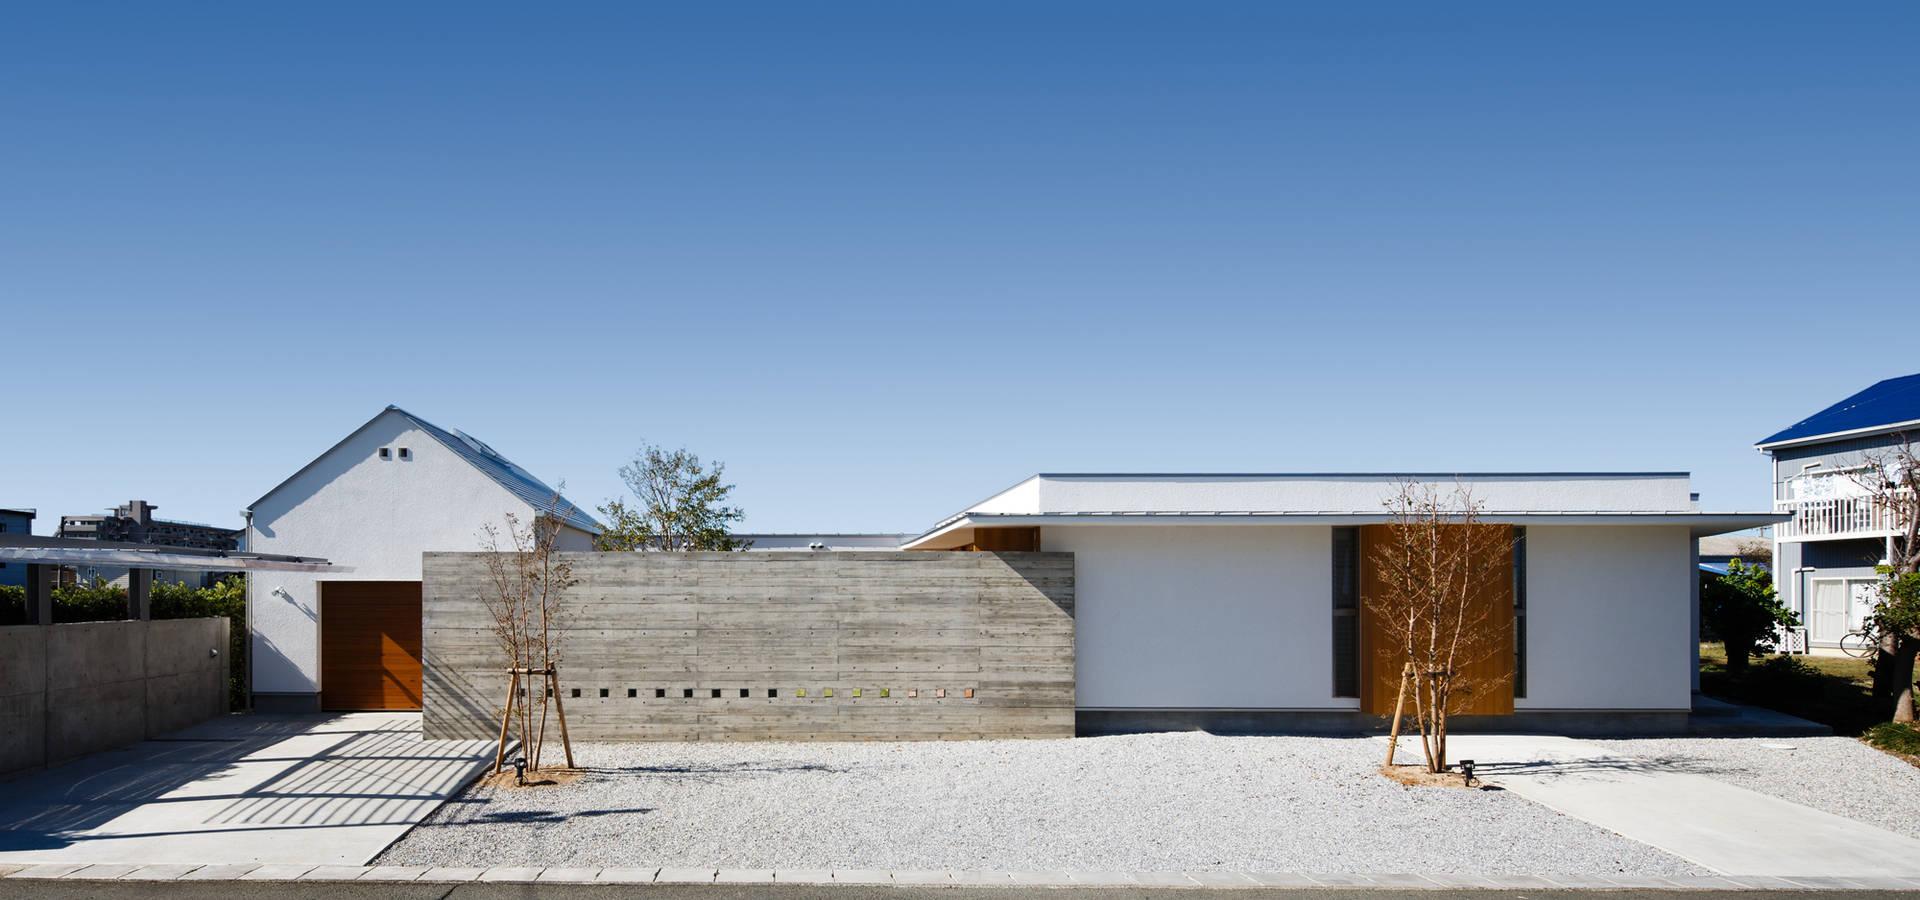 窪江建築設計事務所